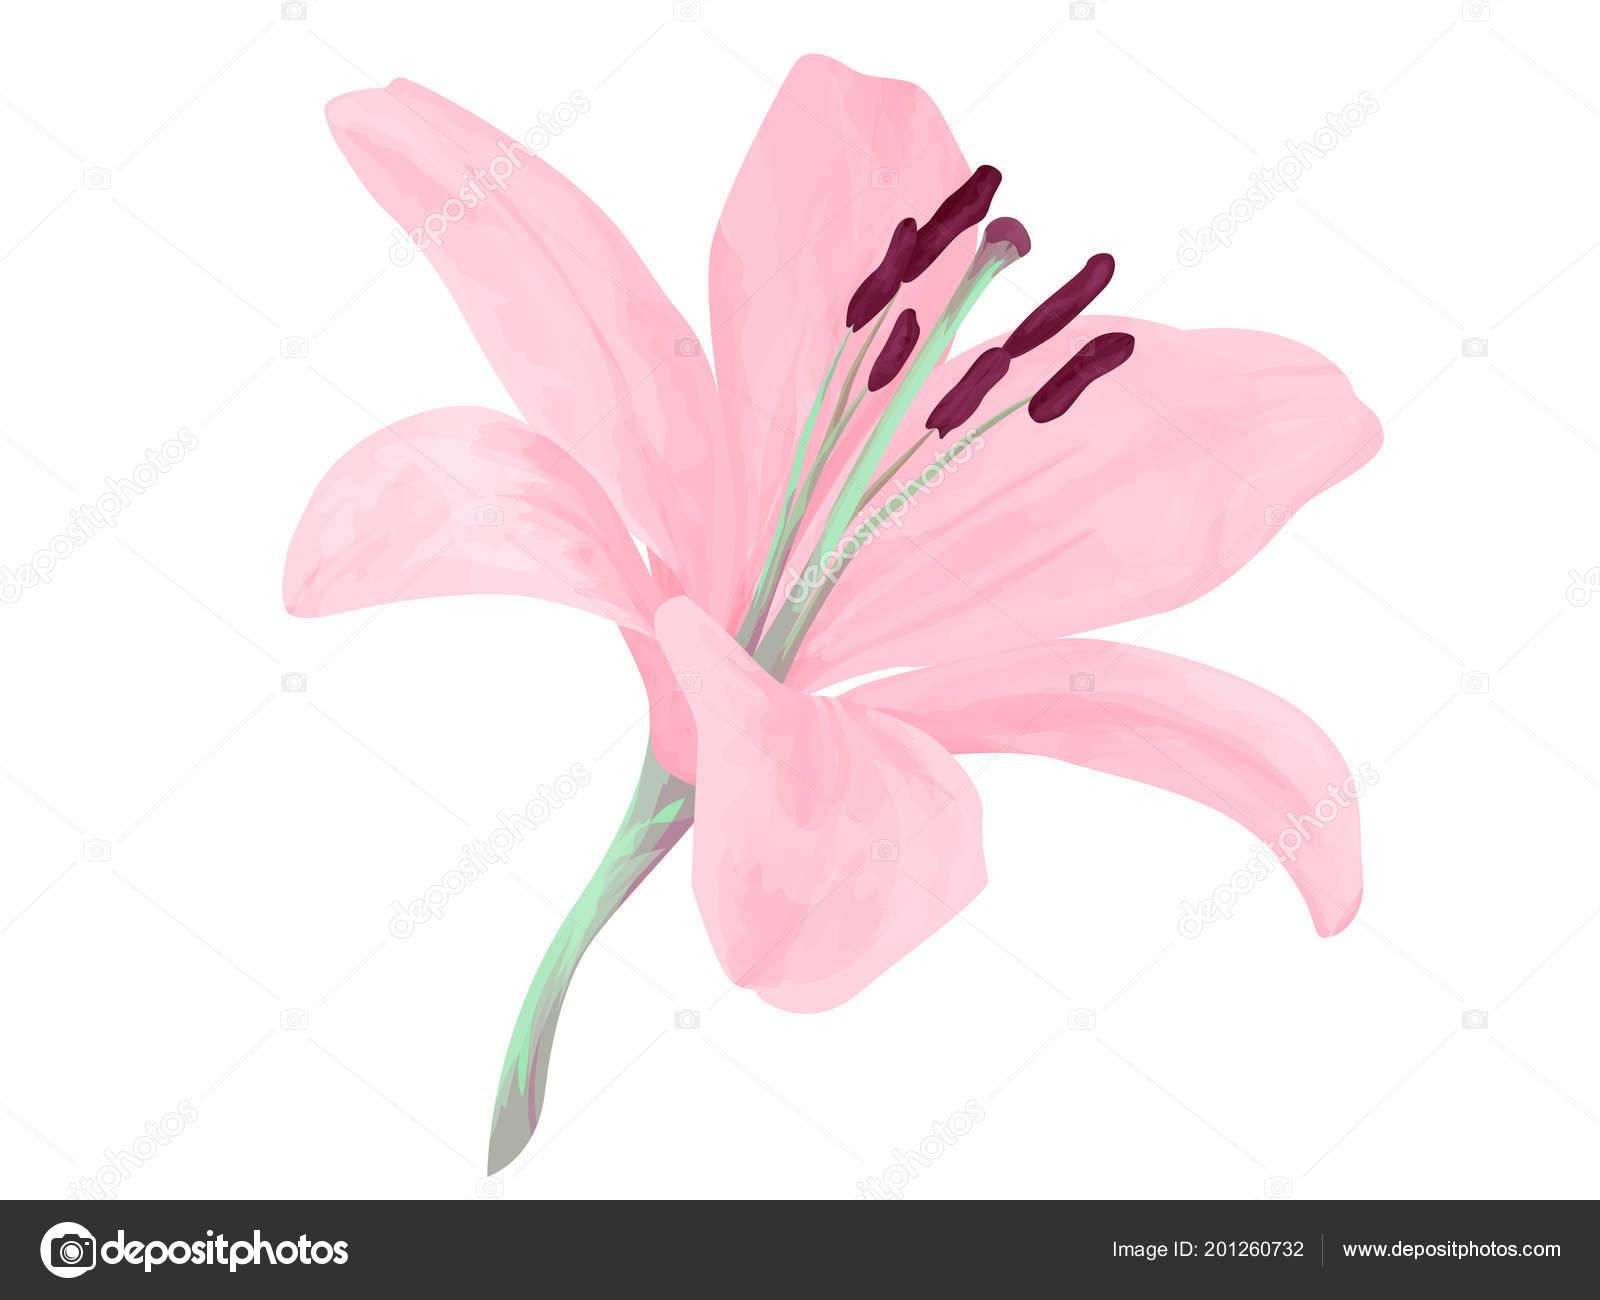 Flor lis aislados vectores delicados ptalos rosa delicado realismo flor lis aislados vectores delicados ptalos rosa delicado realismo bella archivo imgenes vectoriales izmirmasajfo